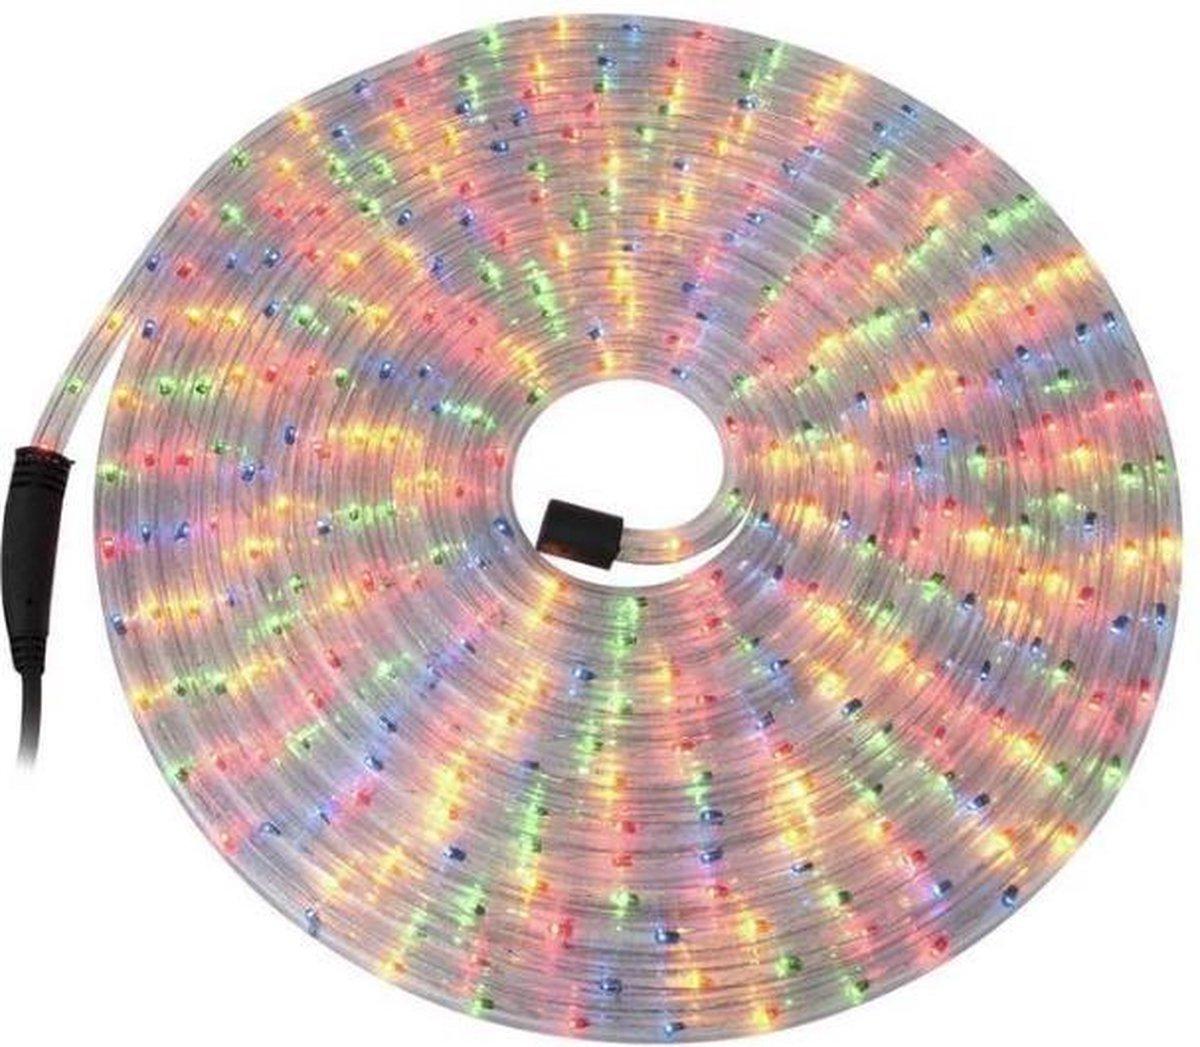 EUROLITE Lichtsnoer voor buiten - Multicolor - 9 meter